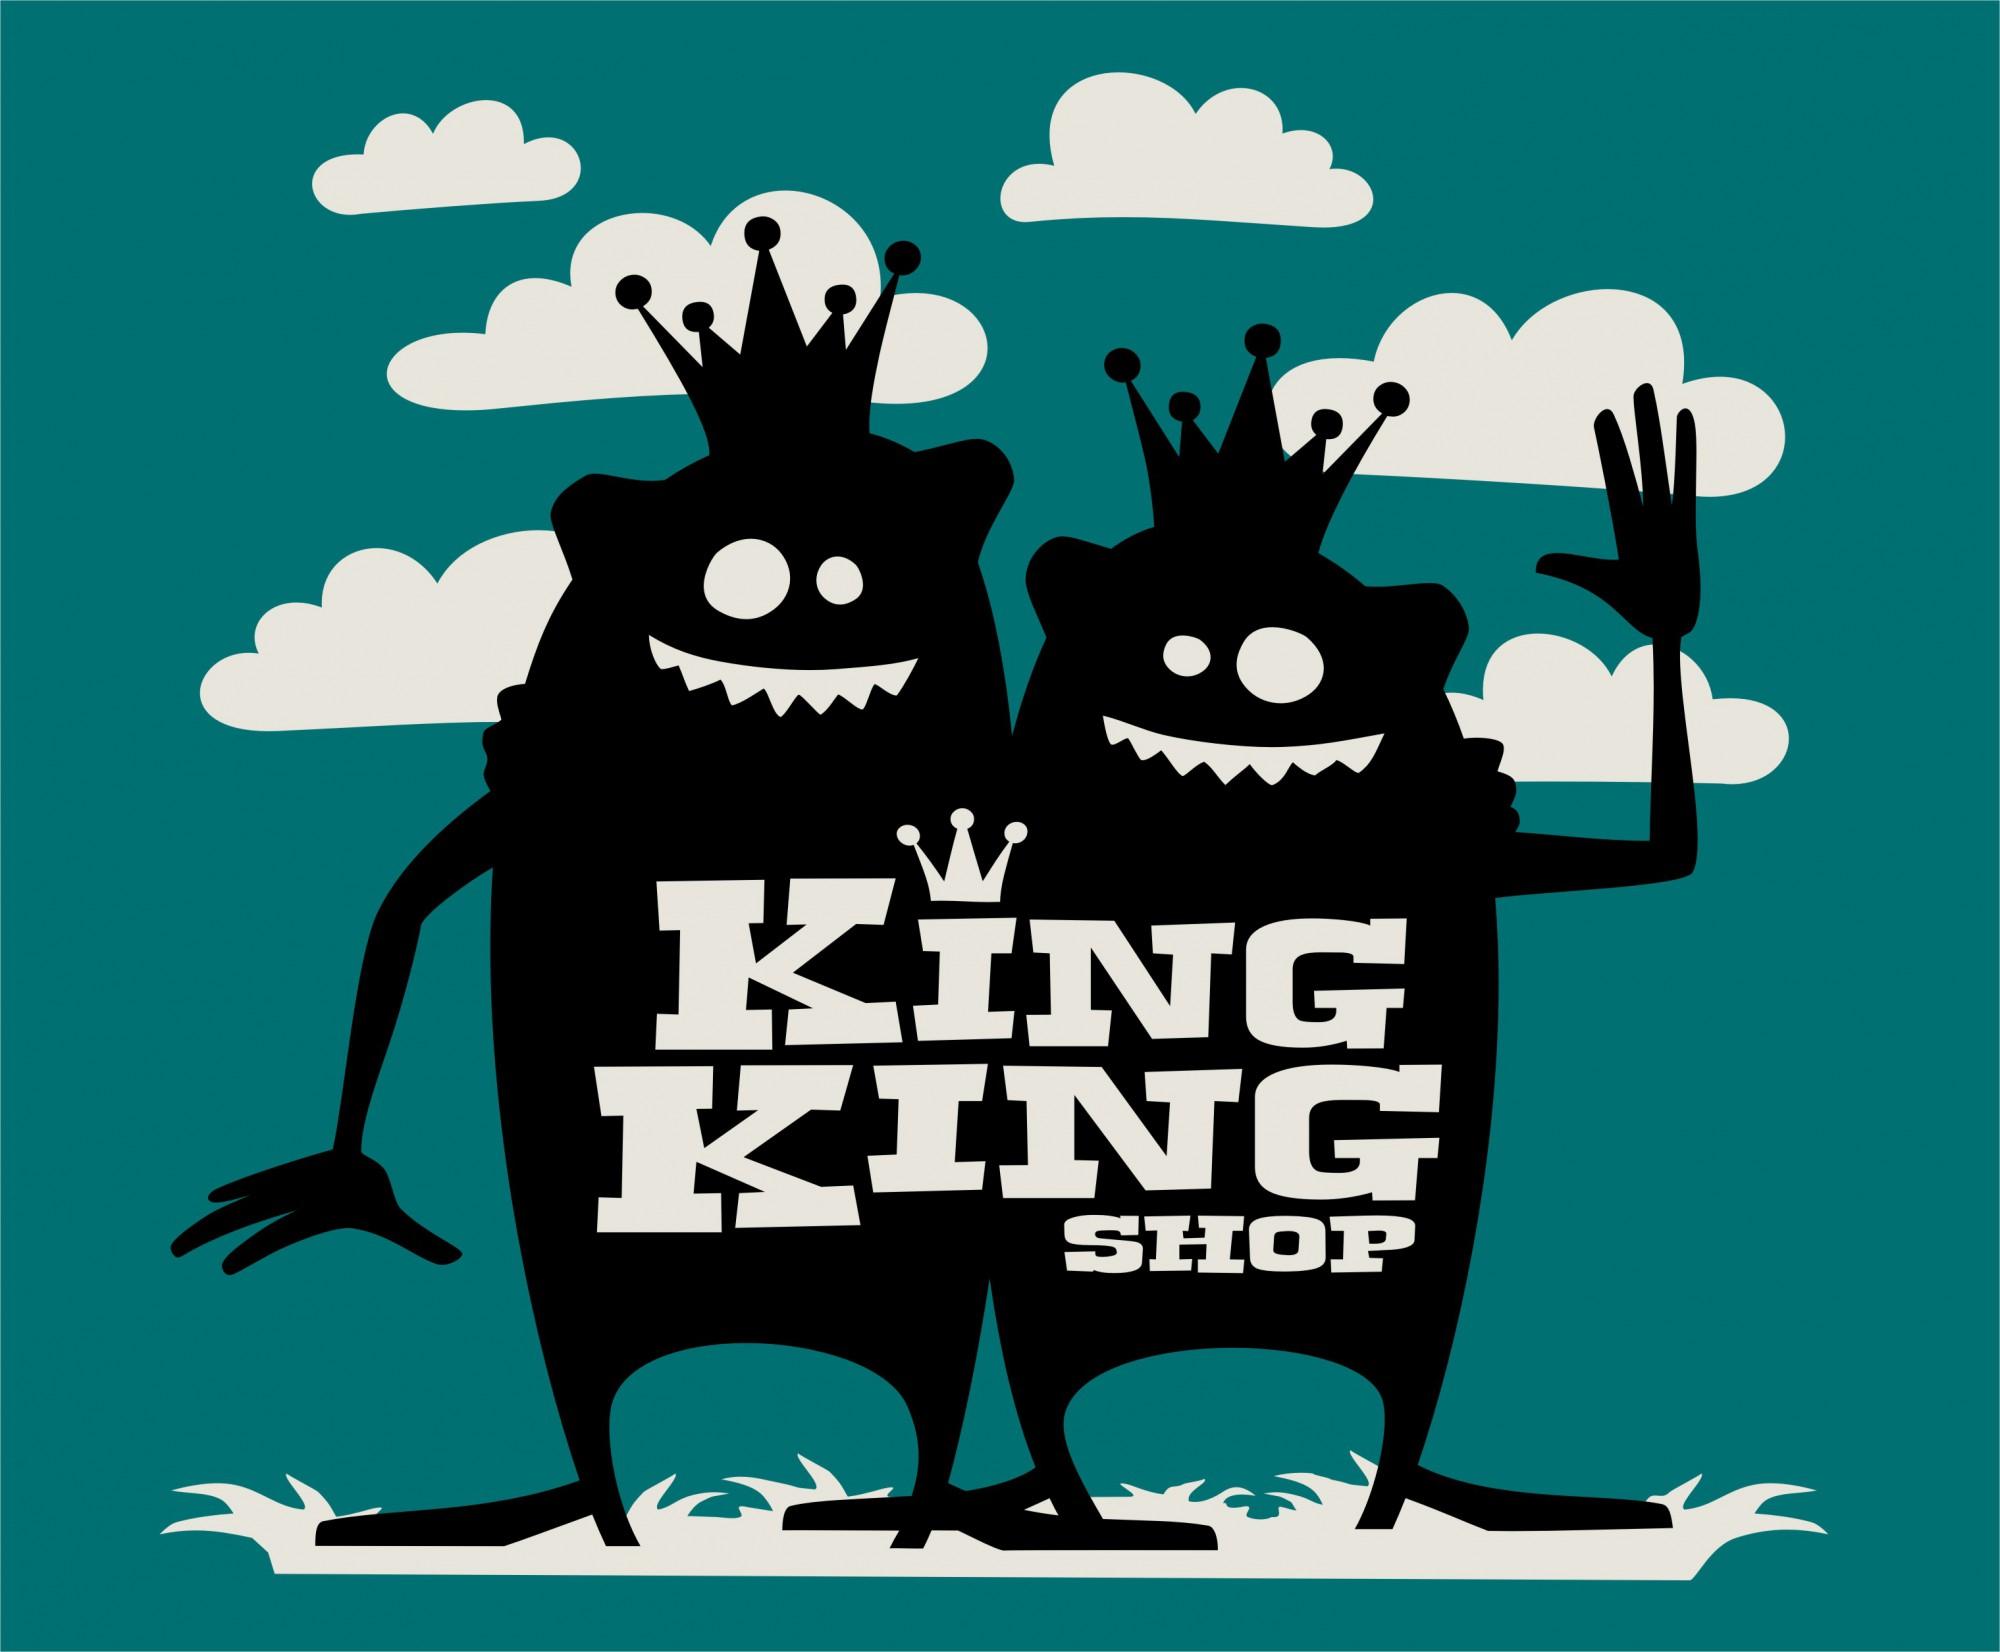 Logo-KingKing-Shop-Komplett-grüner-Hintergrund.jpg